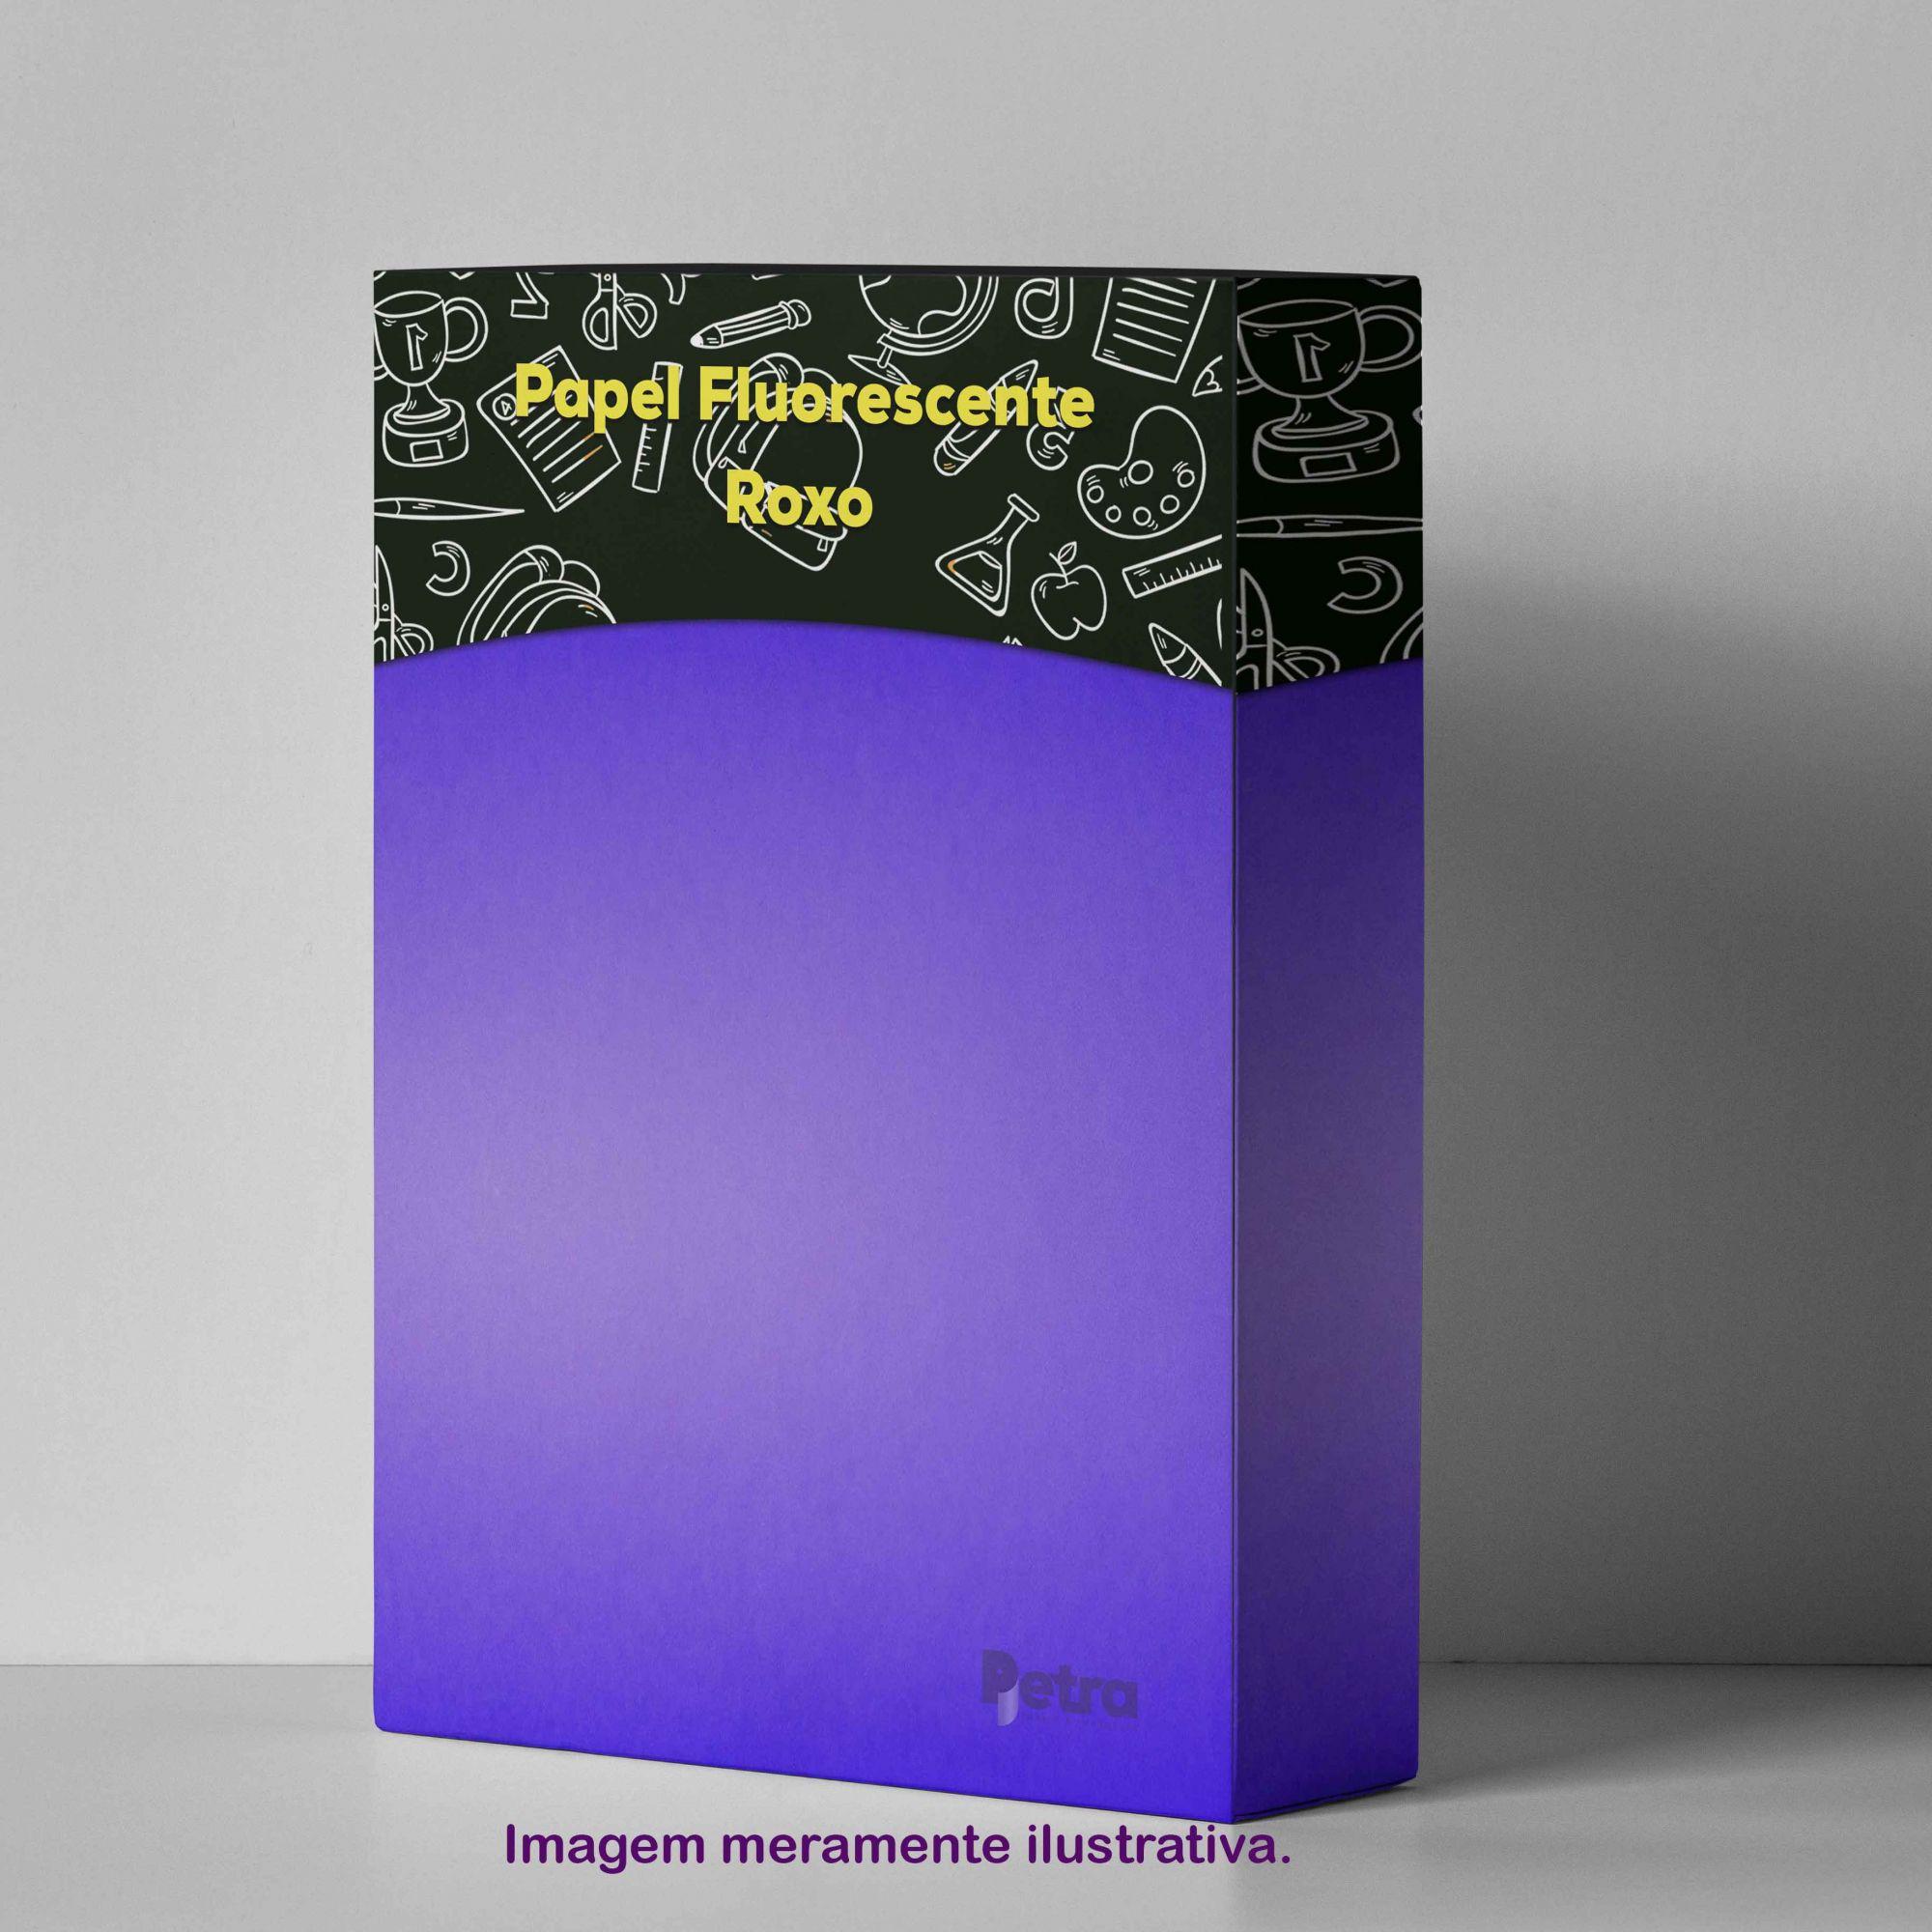 Papel Fluorescente Lumicor Roxo Vibrante Tam. A4 180g/m² - 20 Folhas